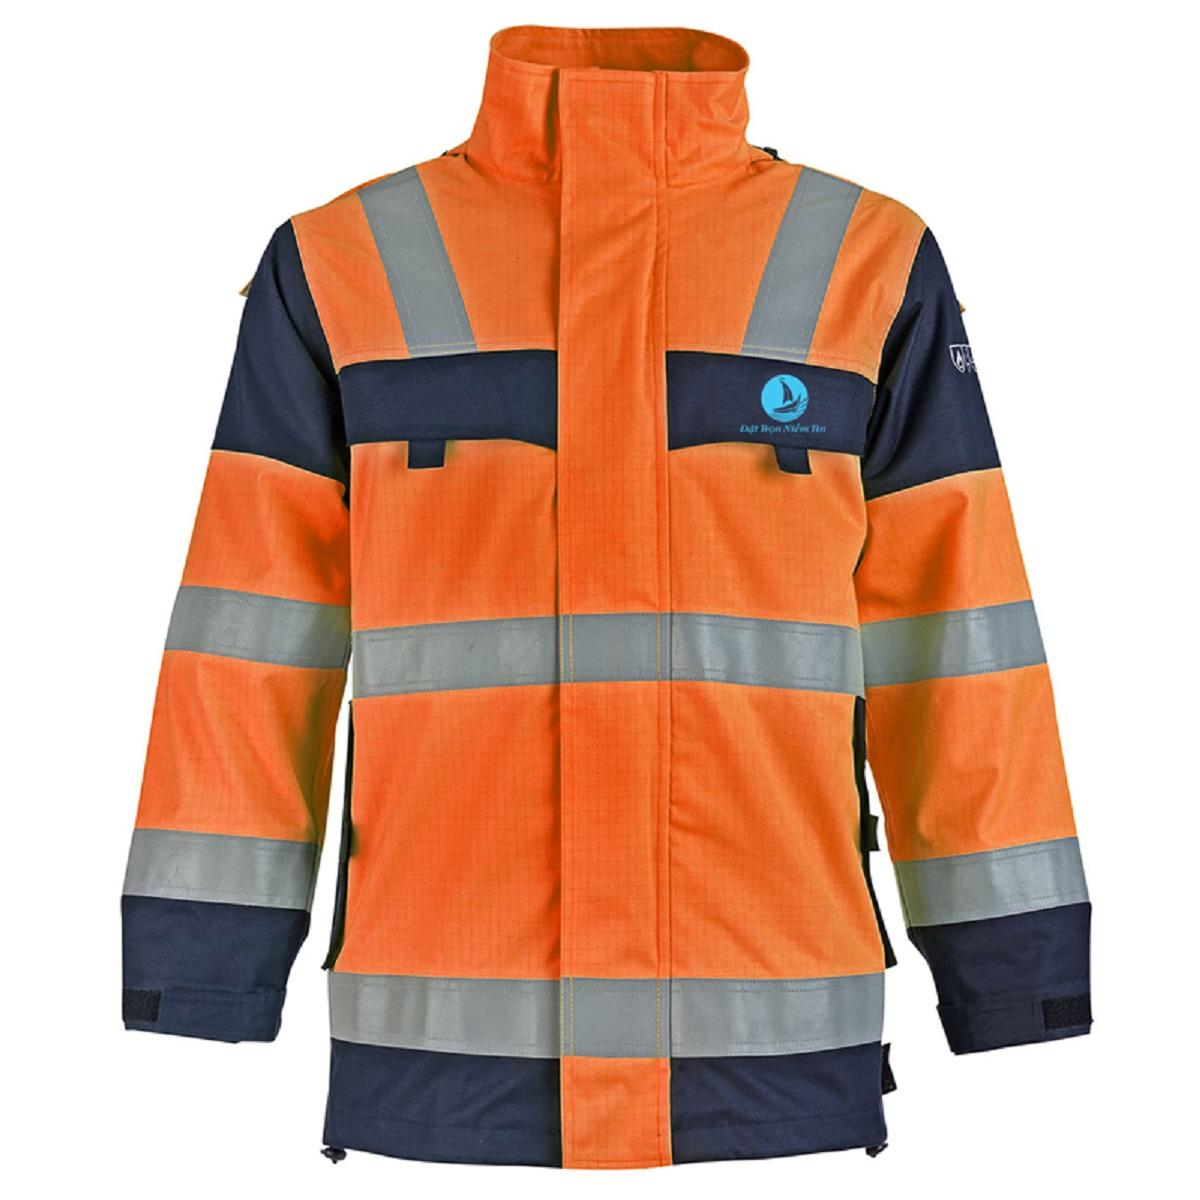 Mẫu đồng phục áo bảo hộ mã BO-ABH03 – Cam